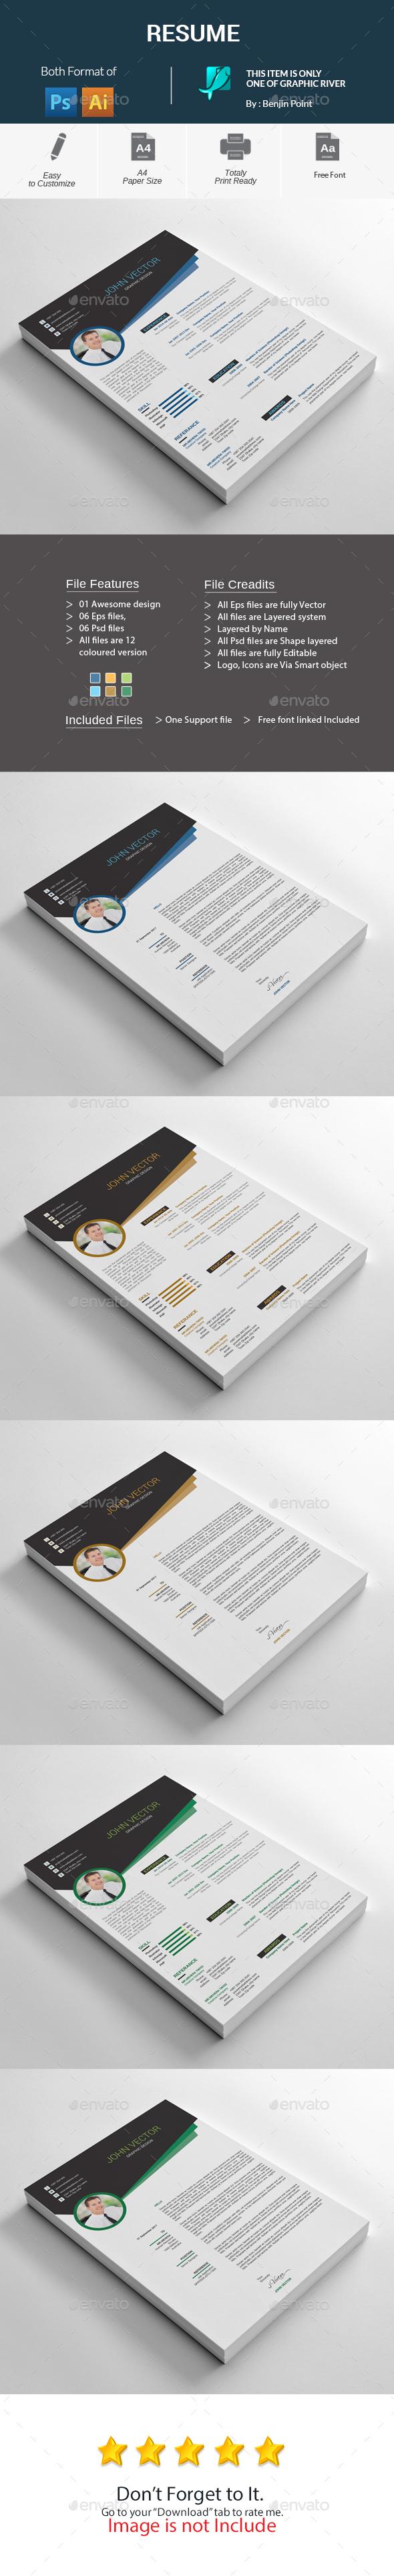 GraphicRiver Resume 20697883